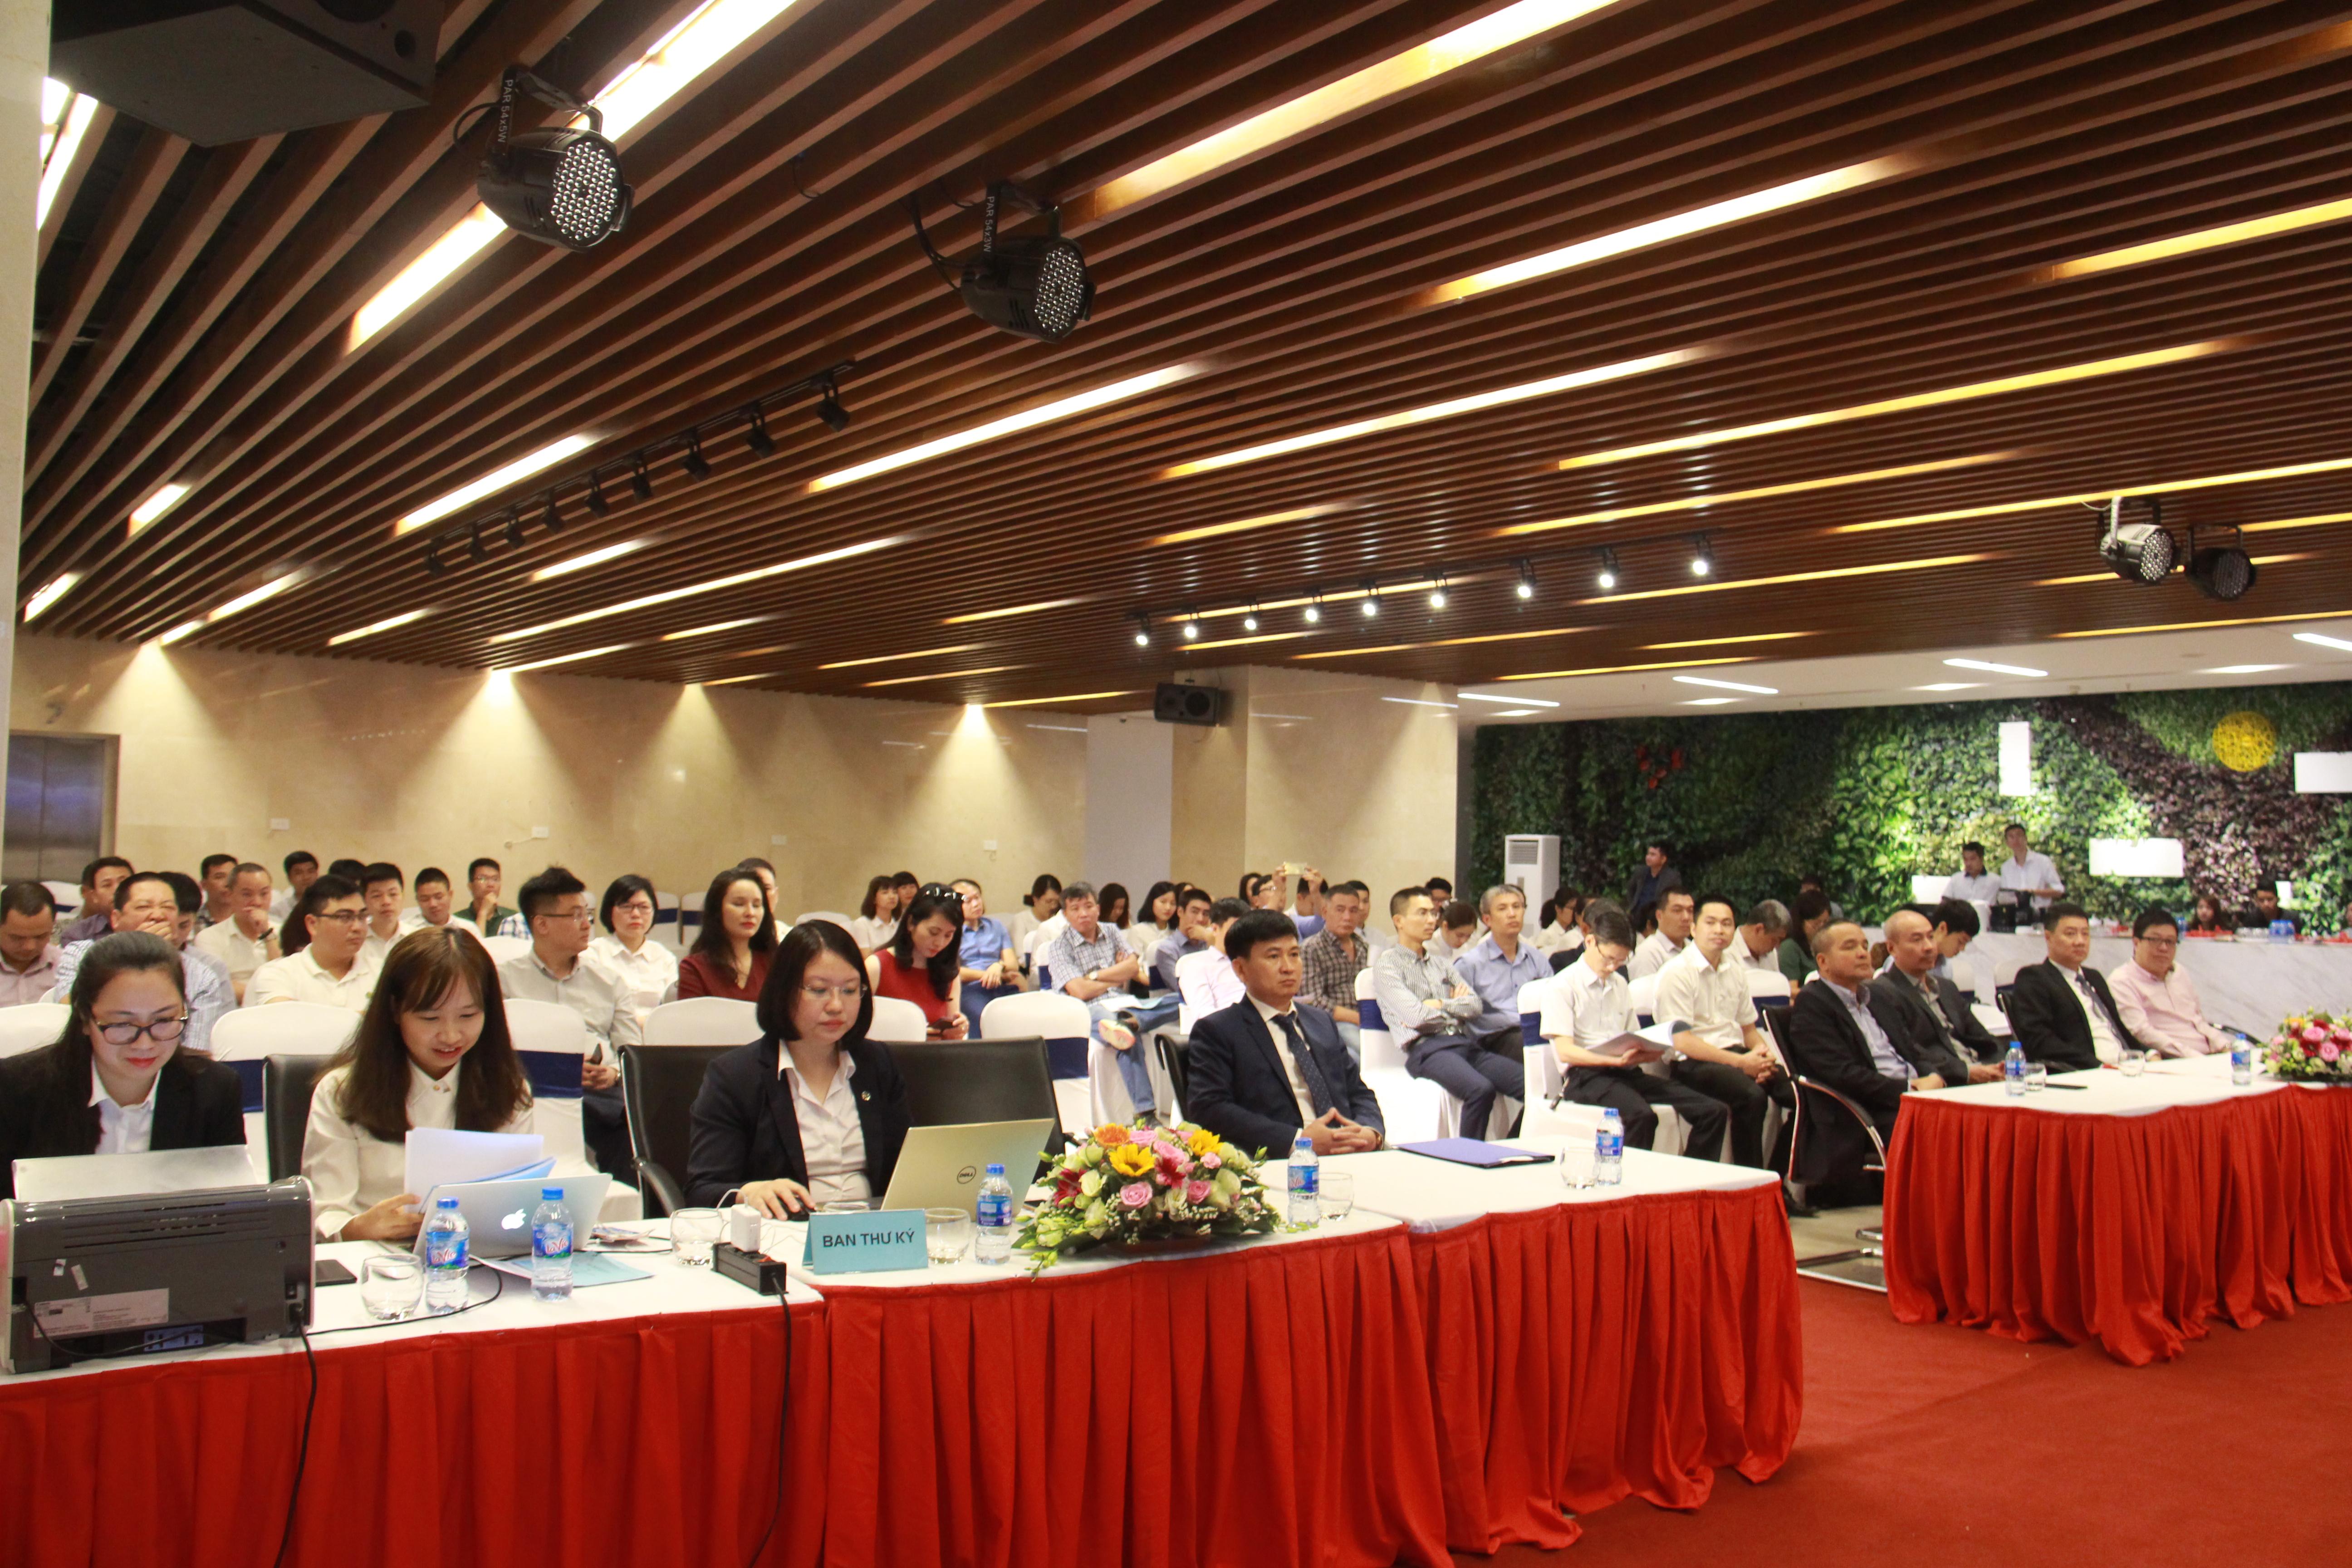 Long Giang Land tổ chức thành công đại hội cổ đông thường niên 2018